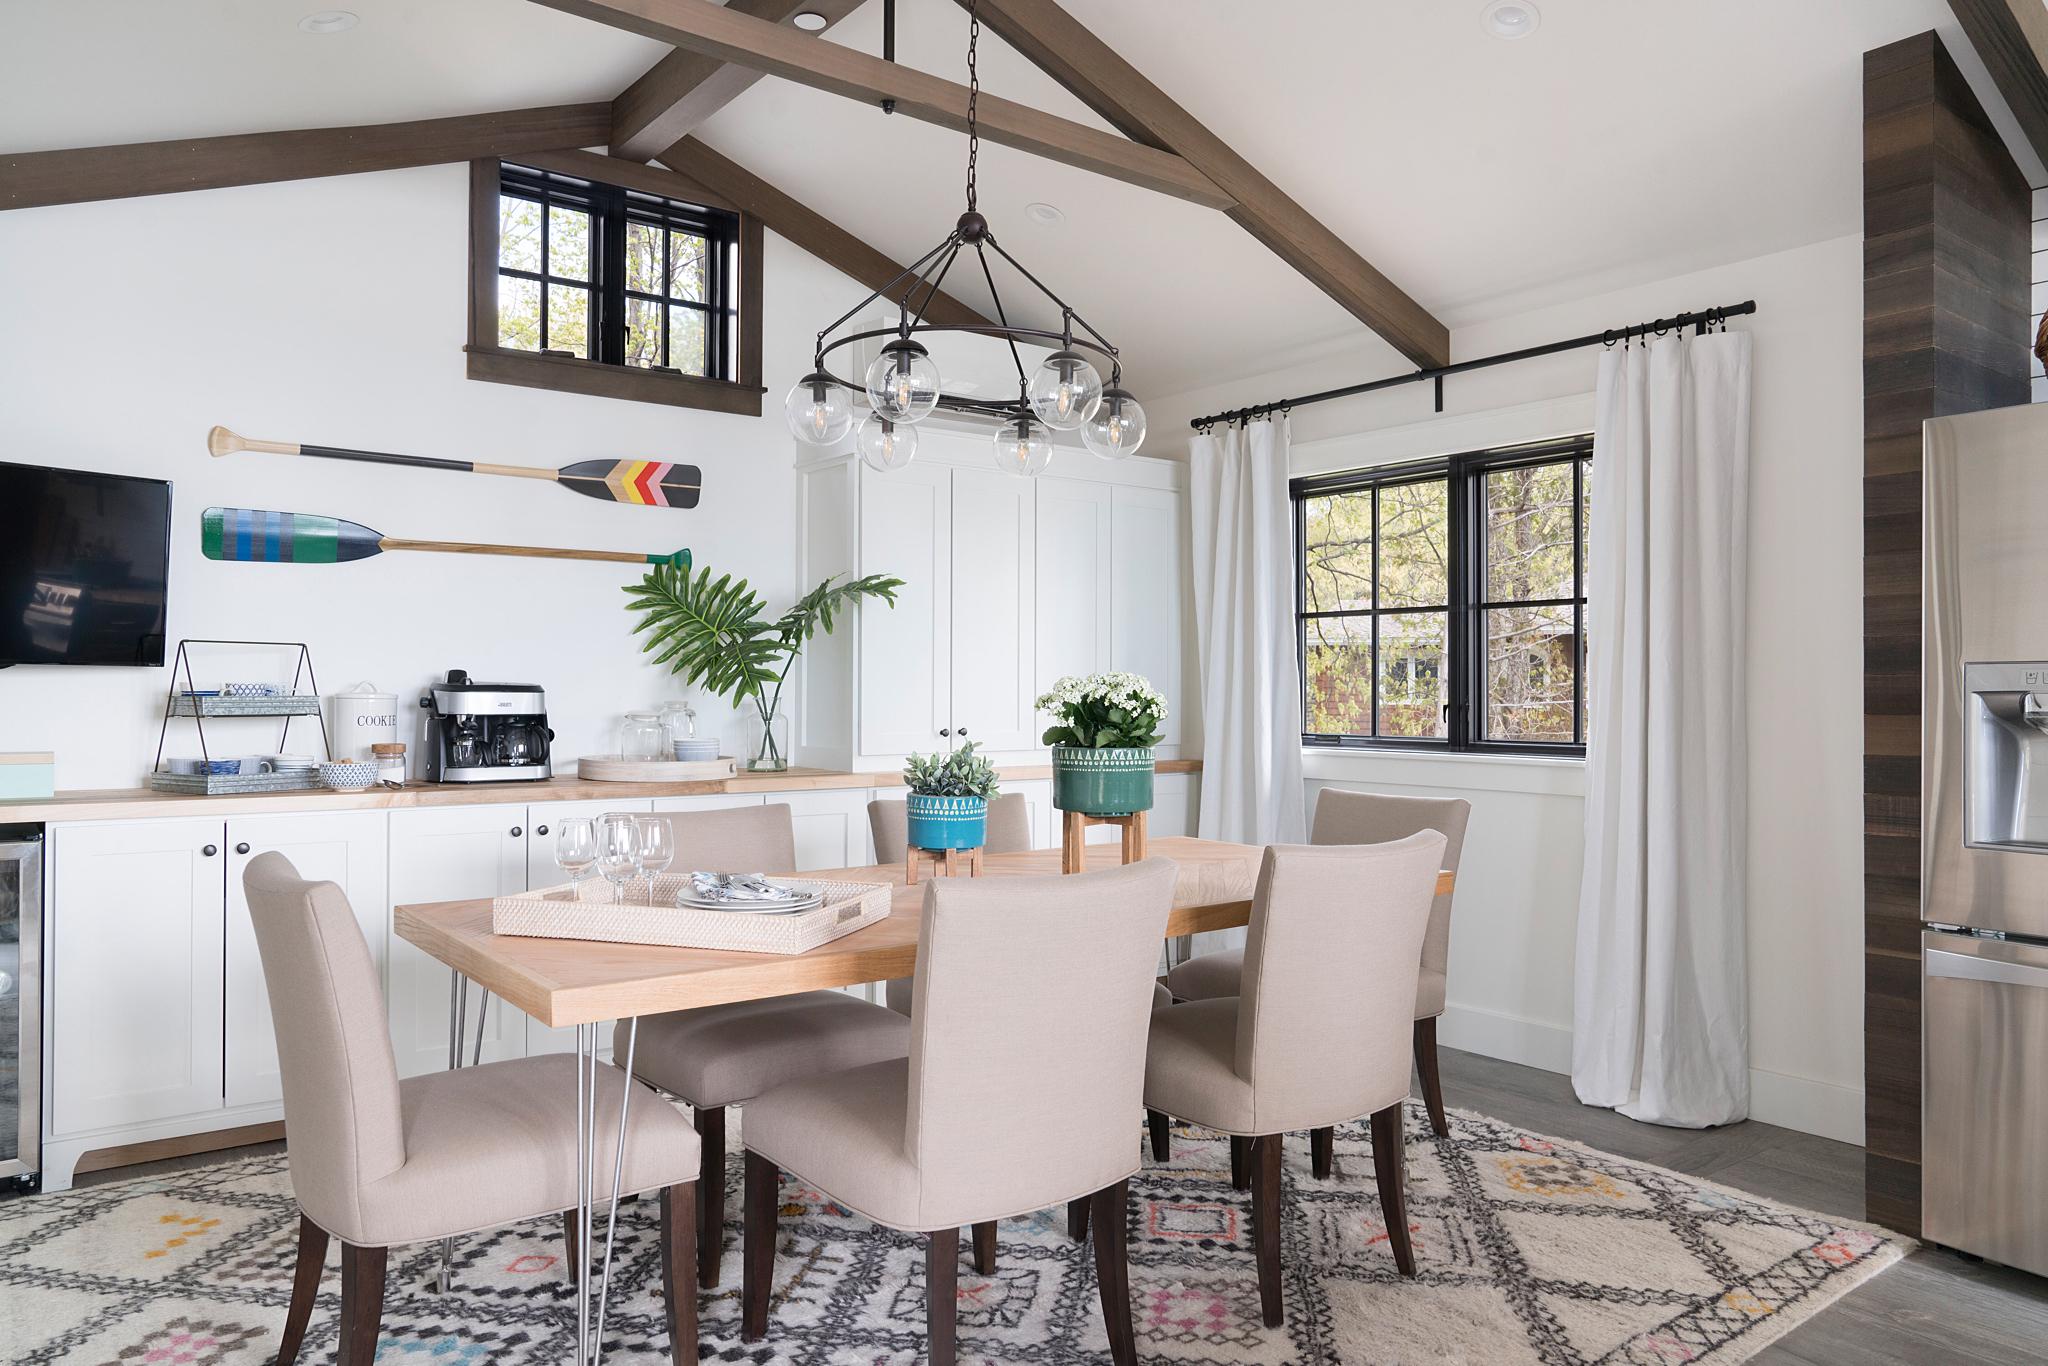 кухня столовая высокий потолок балки обеденный стол мягкие стулья